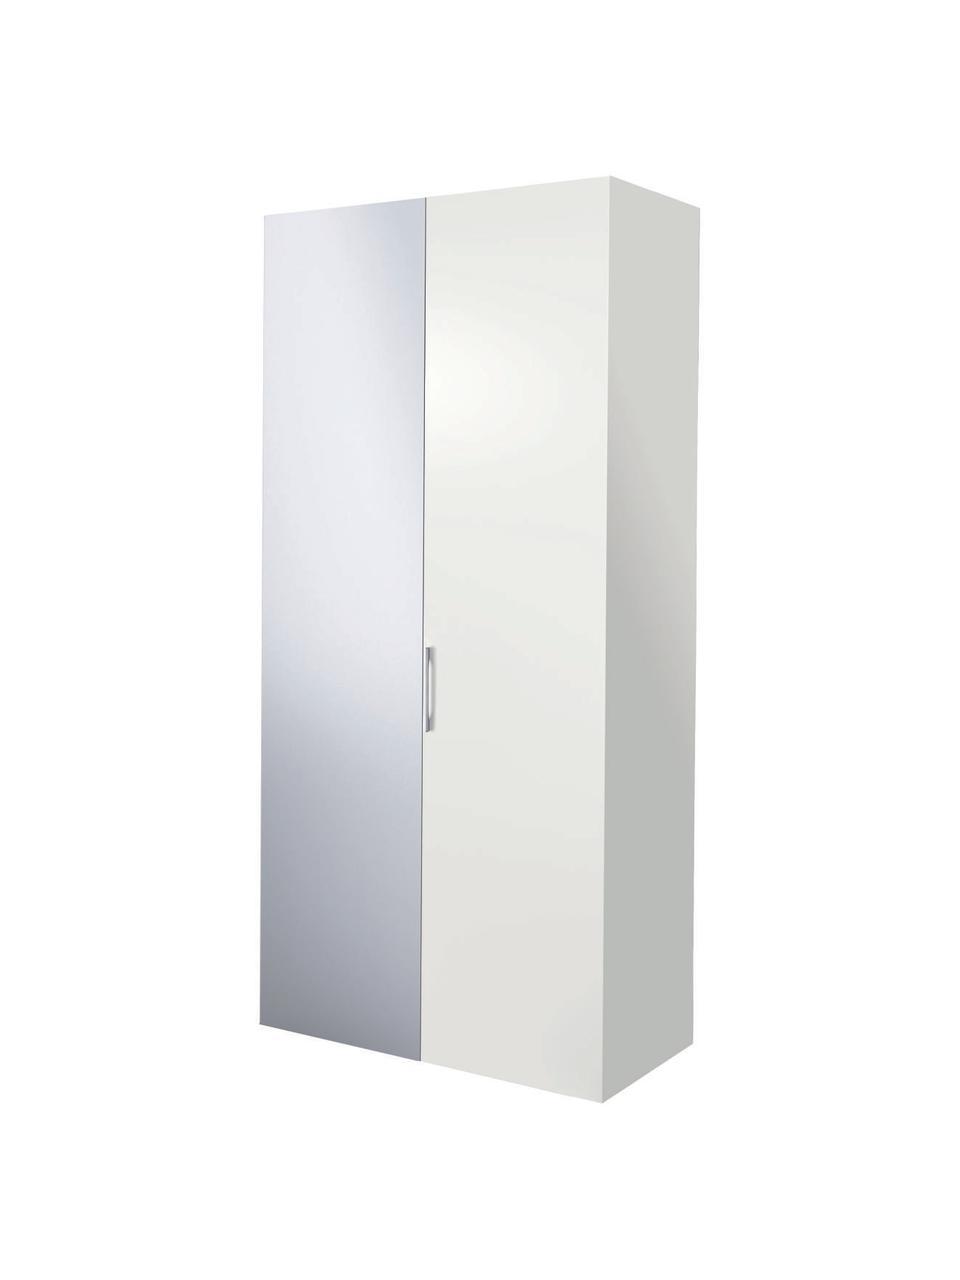 Kleiderschrank Madison 2-türig mit Spiegeltür, inkl. Montageservice, Korpus: Holzwerkstoffplatten, lac, Weiß, Mit Spiegeltür, 102 x 230 cm